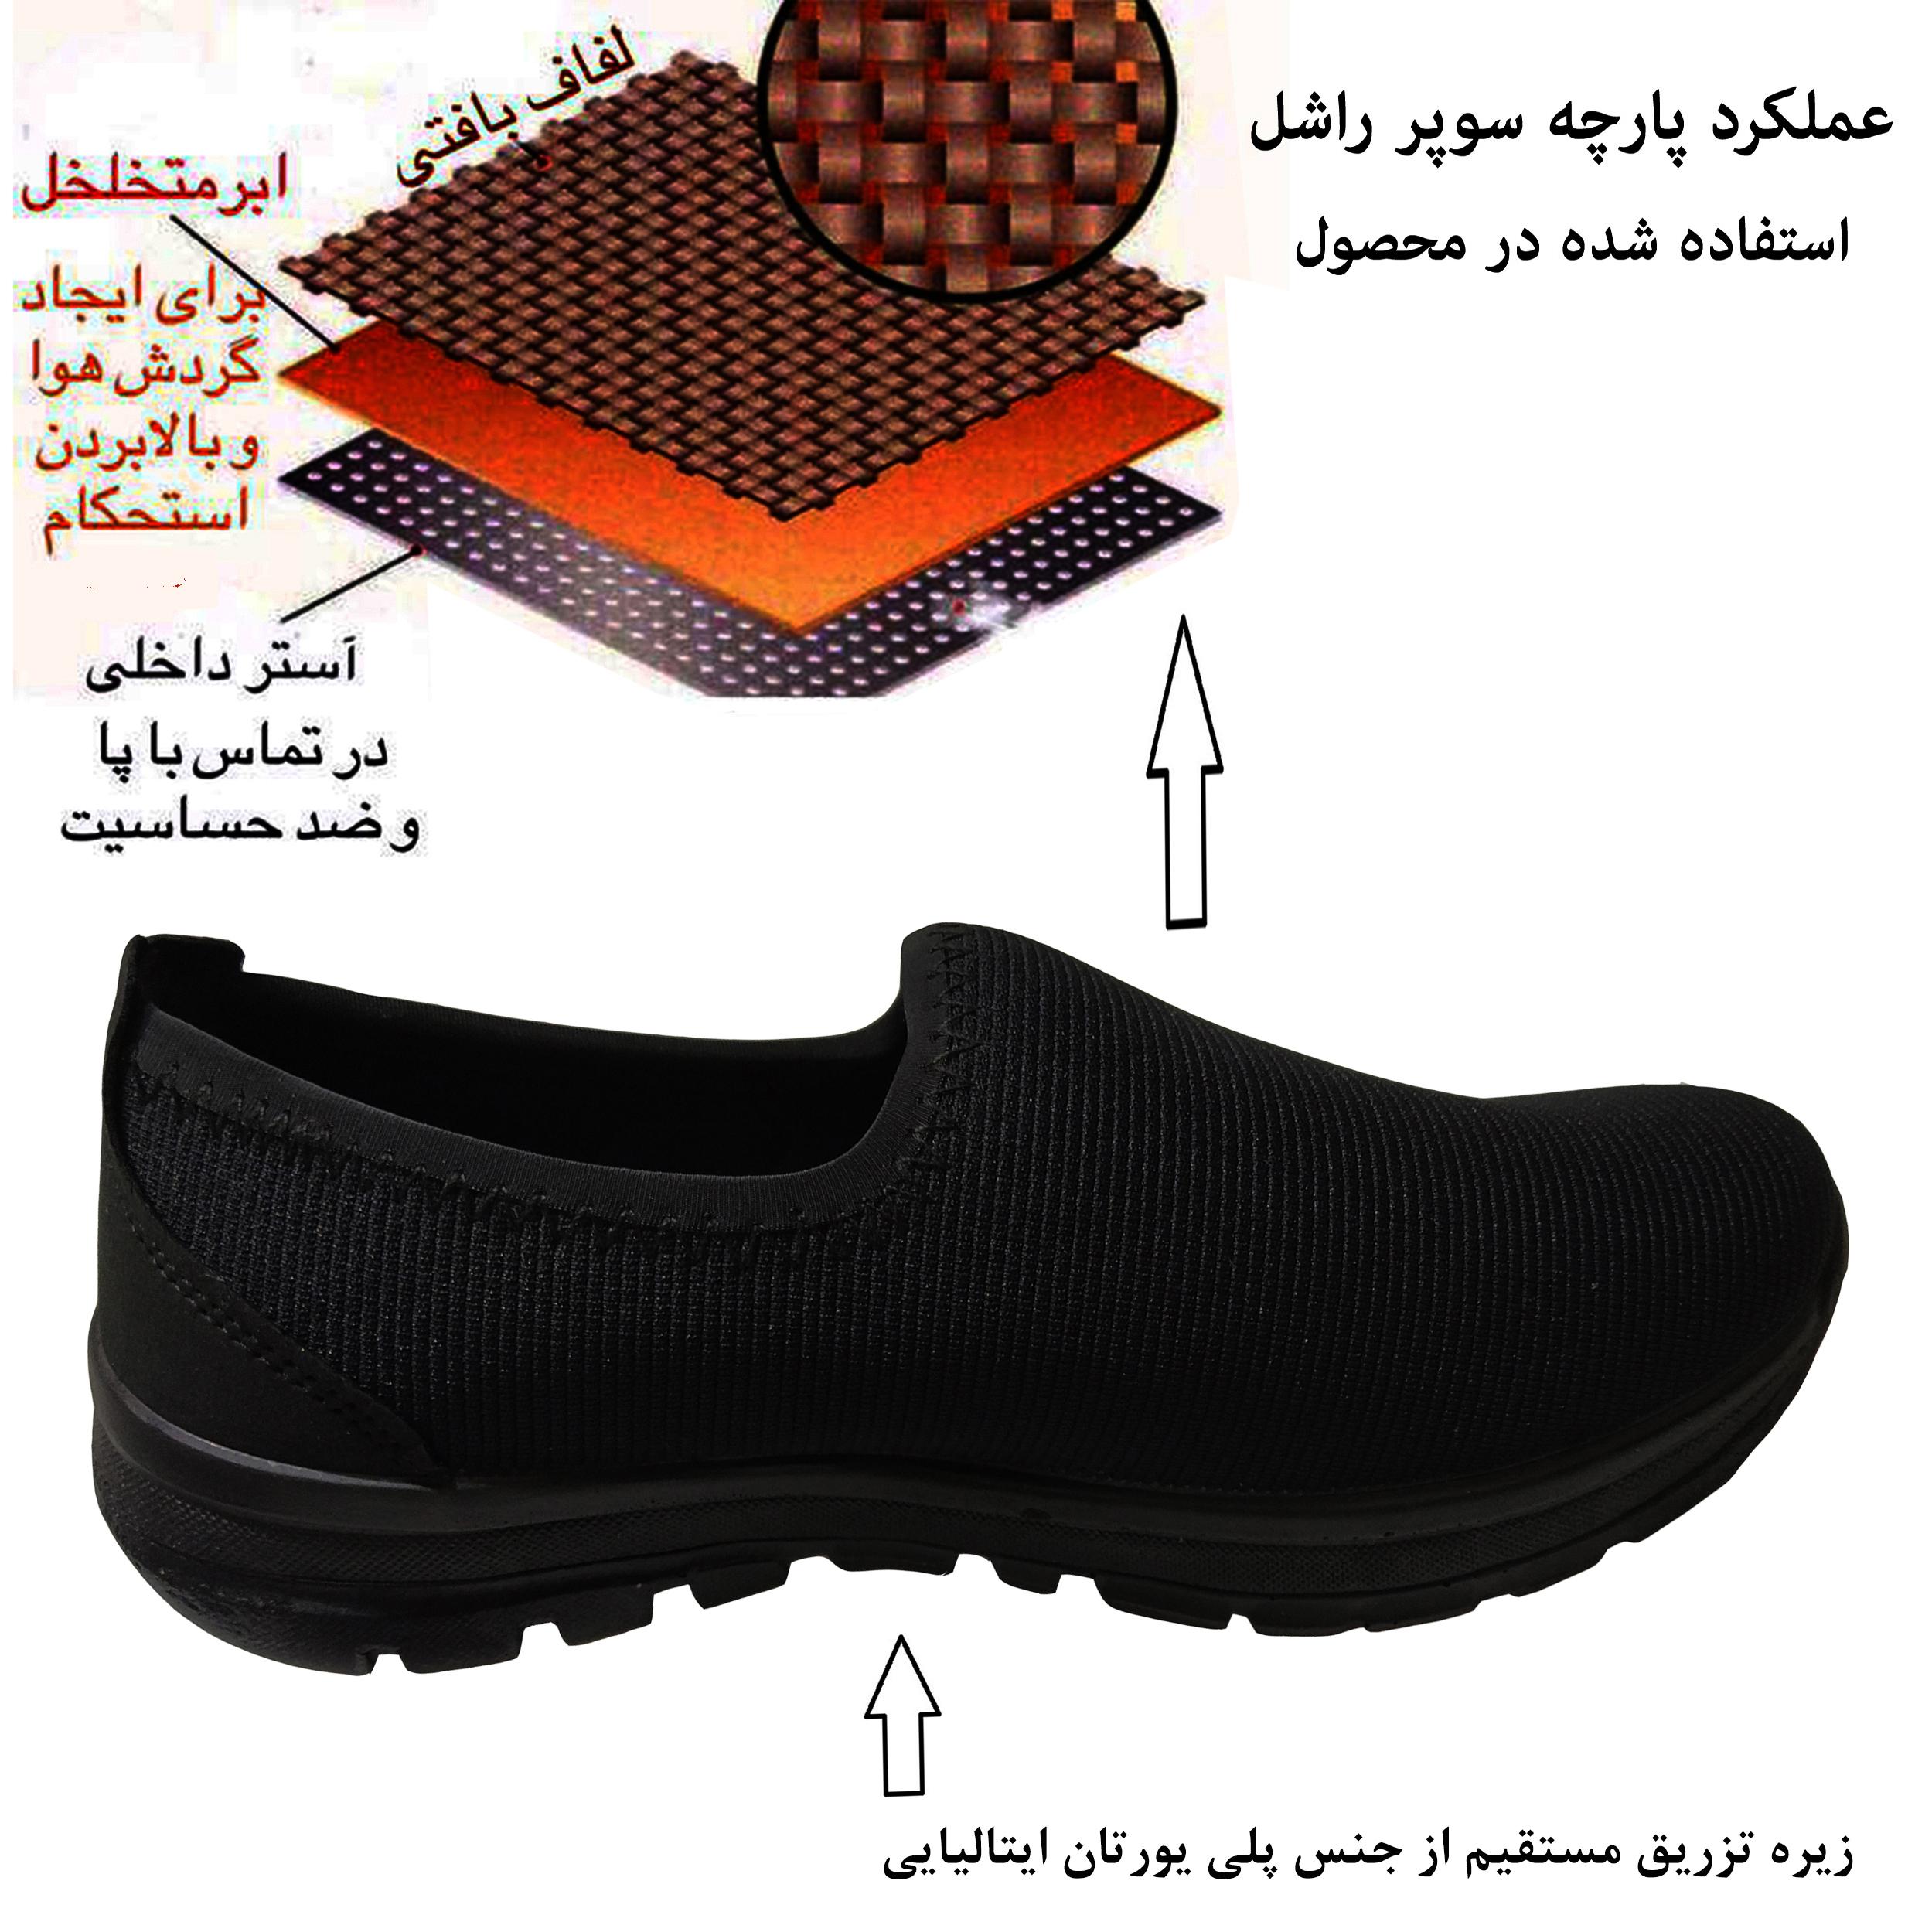 کفش مخصوص پیاده روی مدل پرستیژ کد Export_209